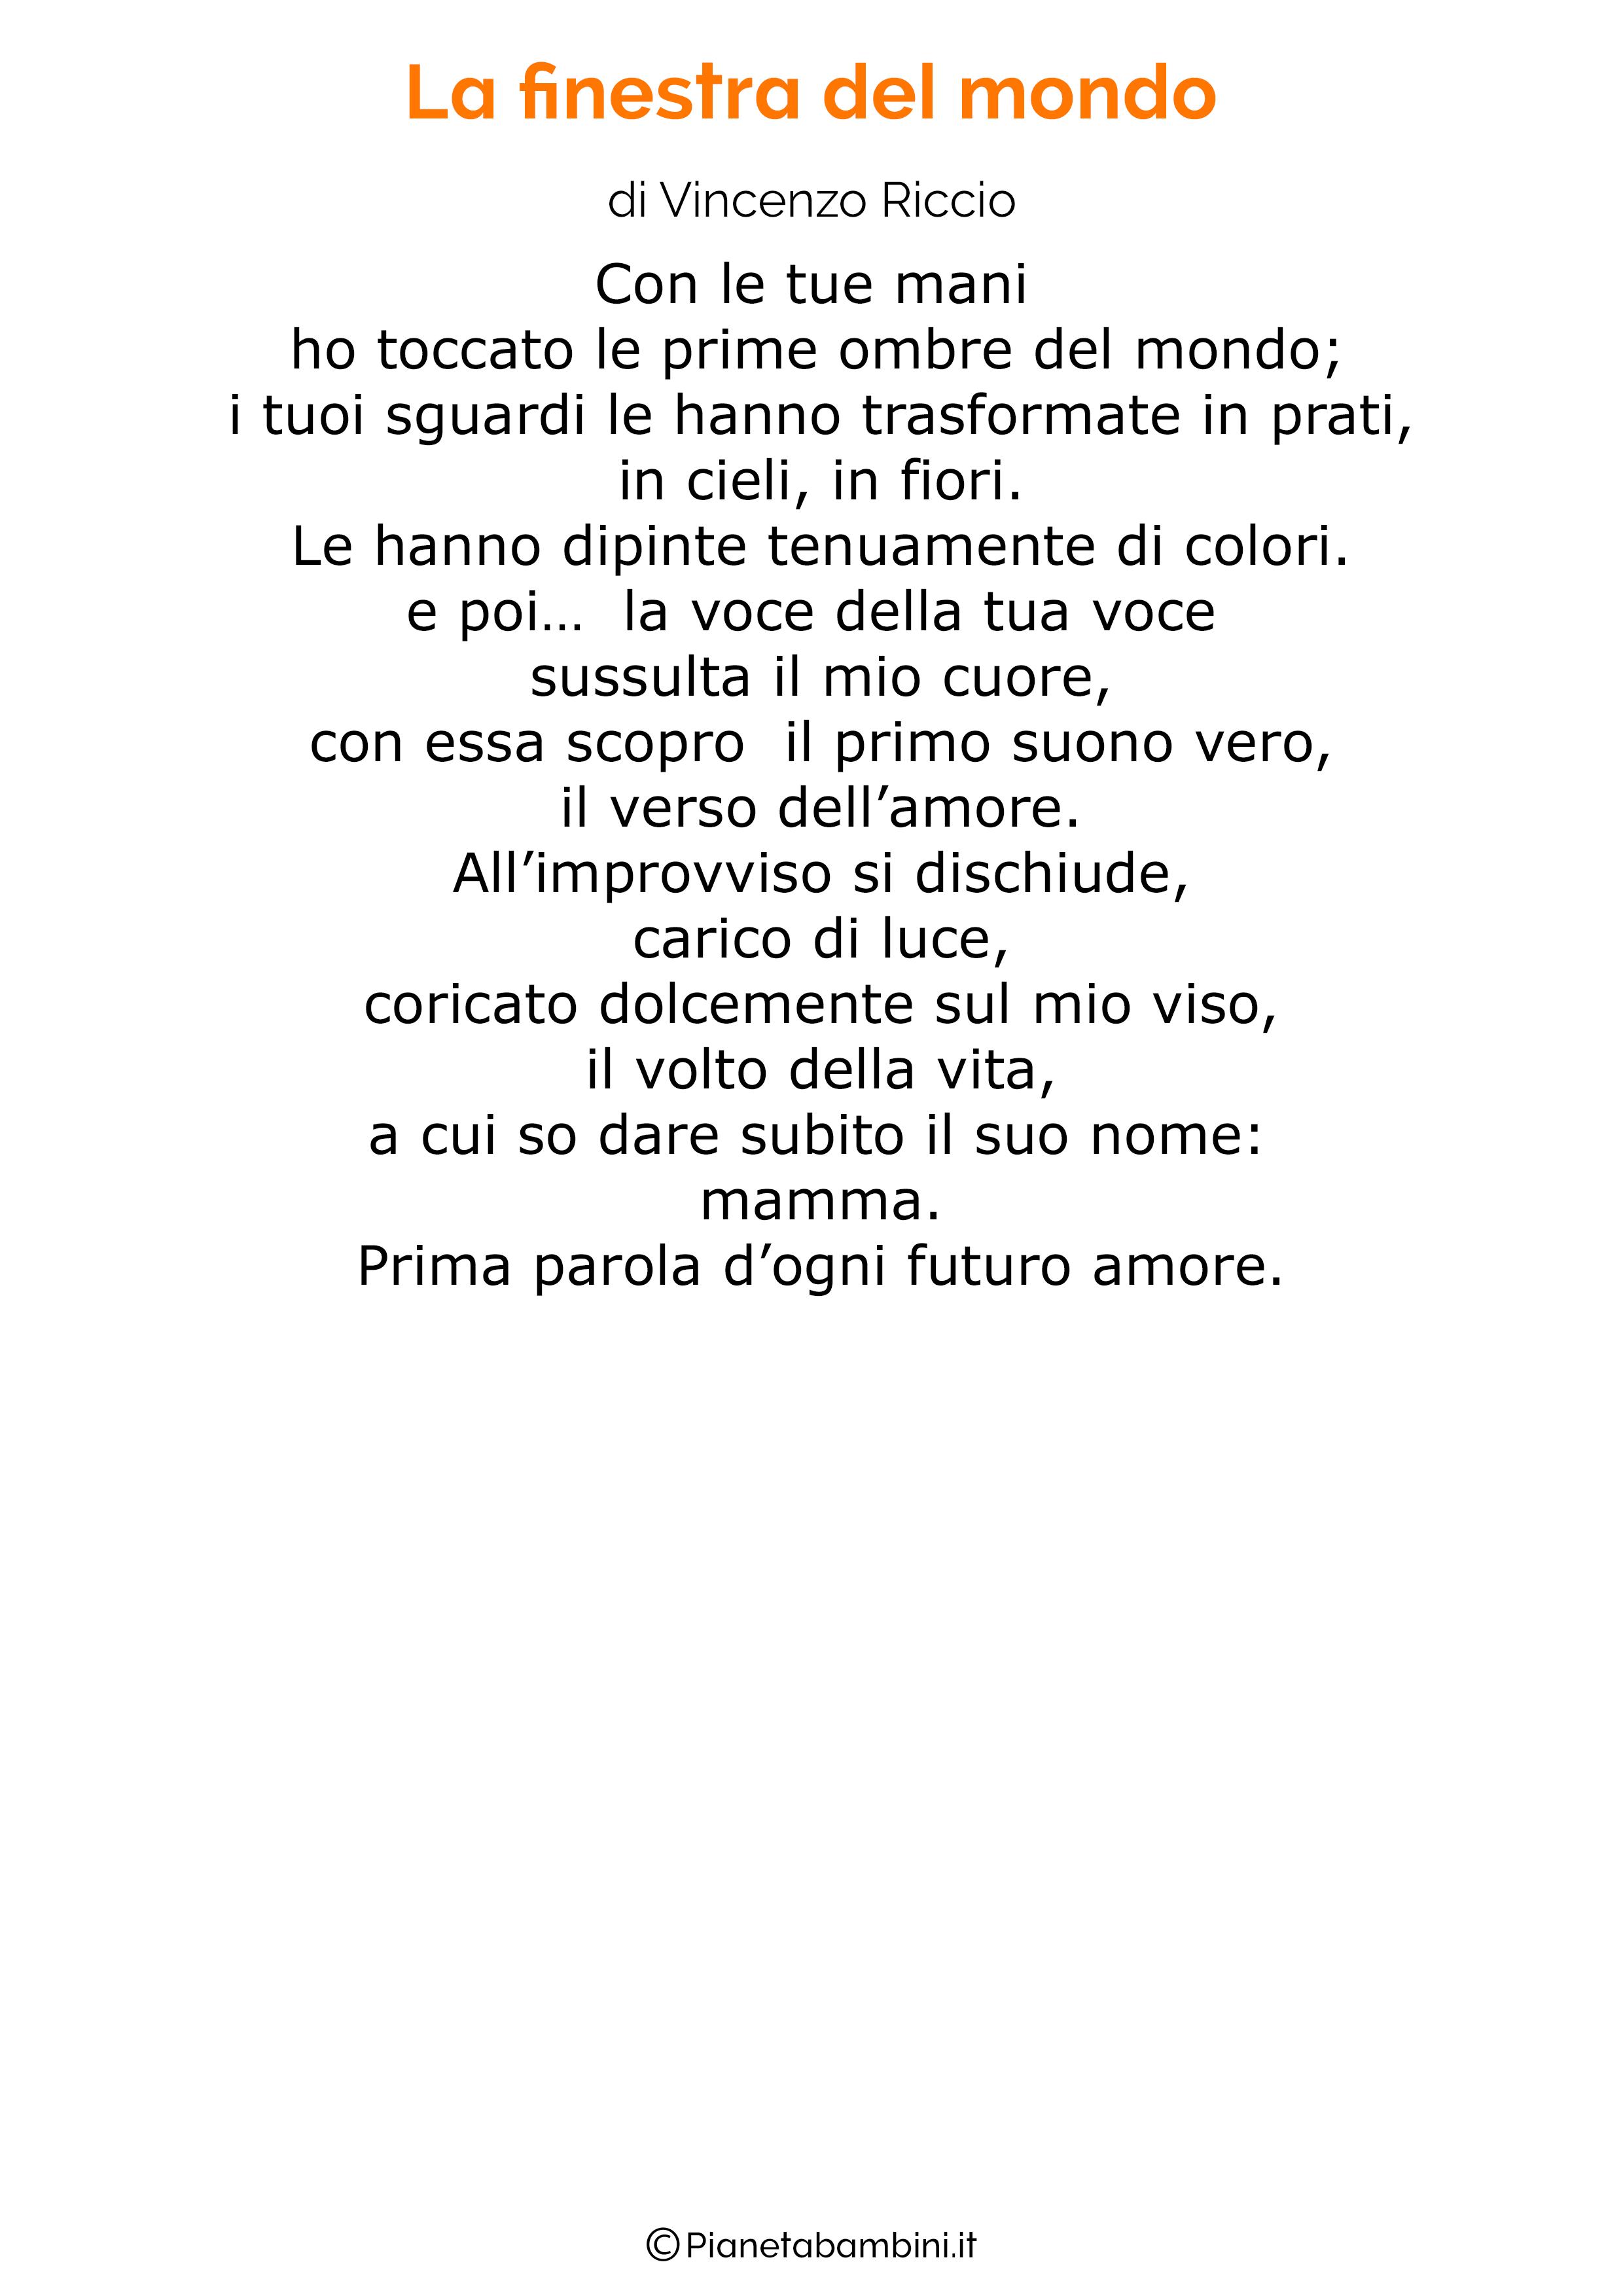 Poesia per la festa della mamma da stampare 38